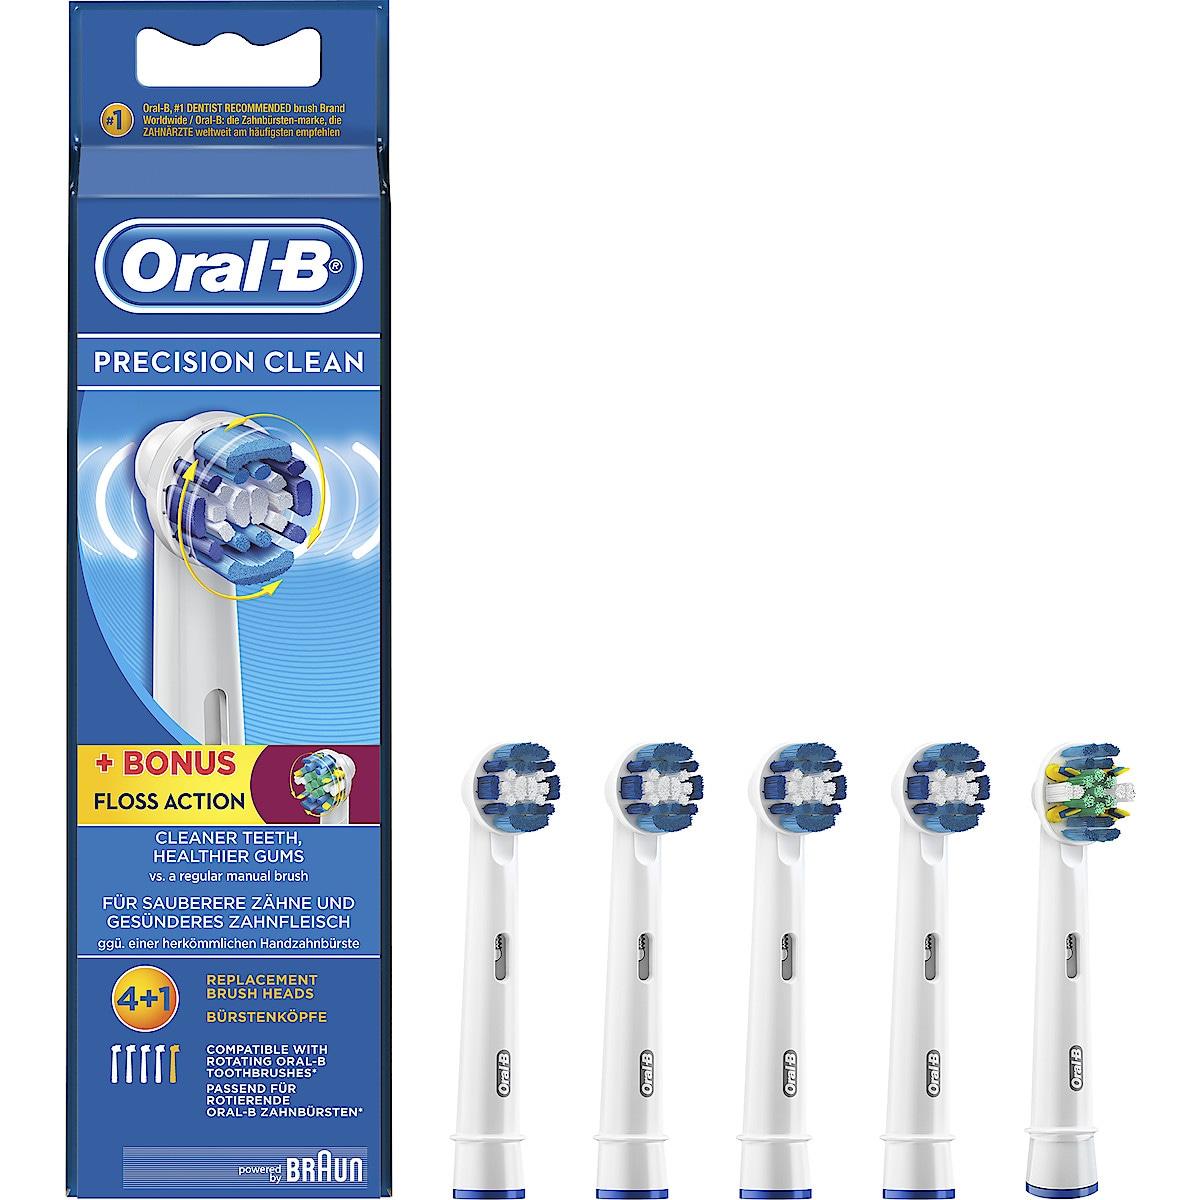 Borsthuvud refill Oral-B Precision Clean 4+1